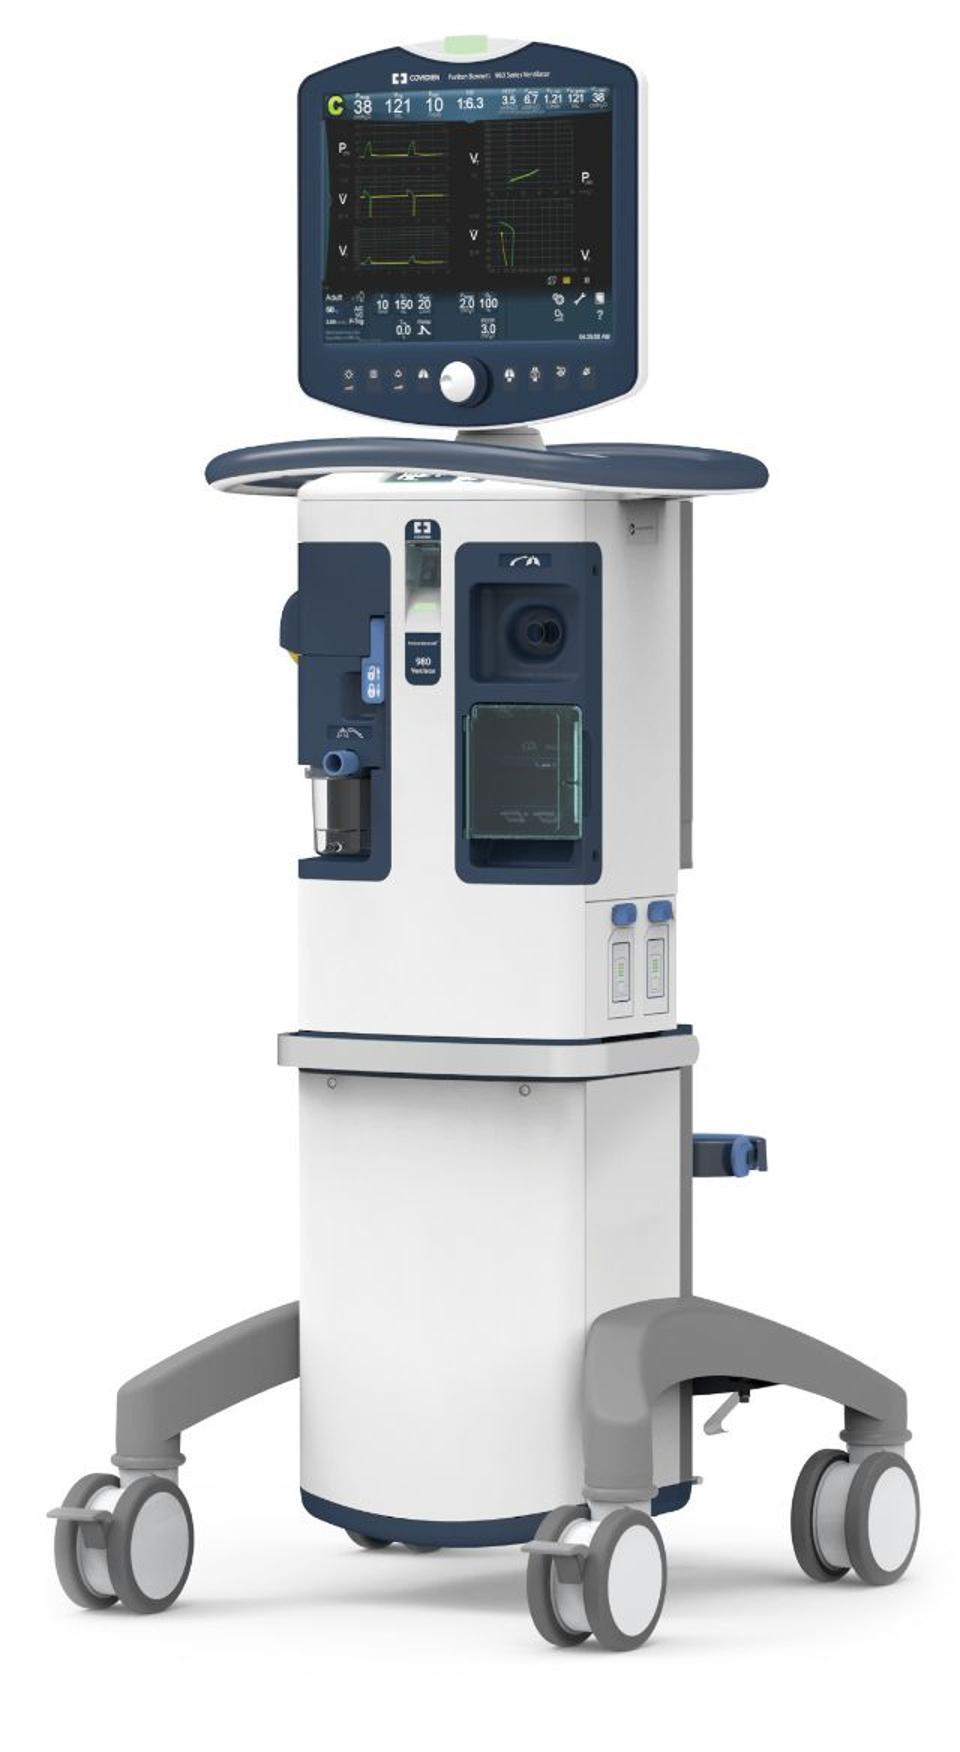 Ventilateur PB980 de Medtronic